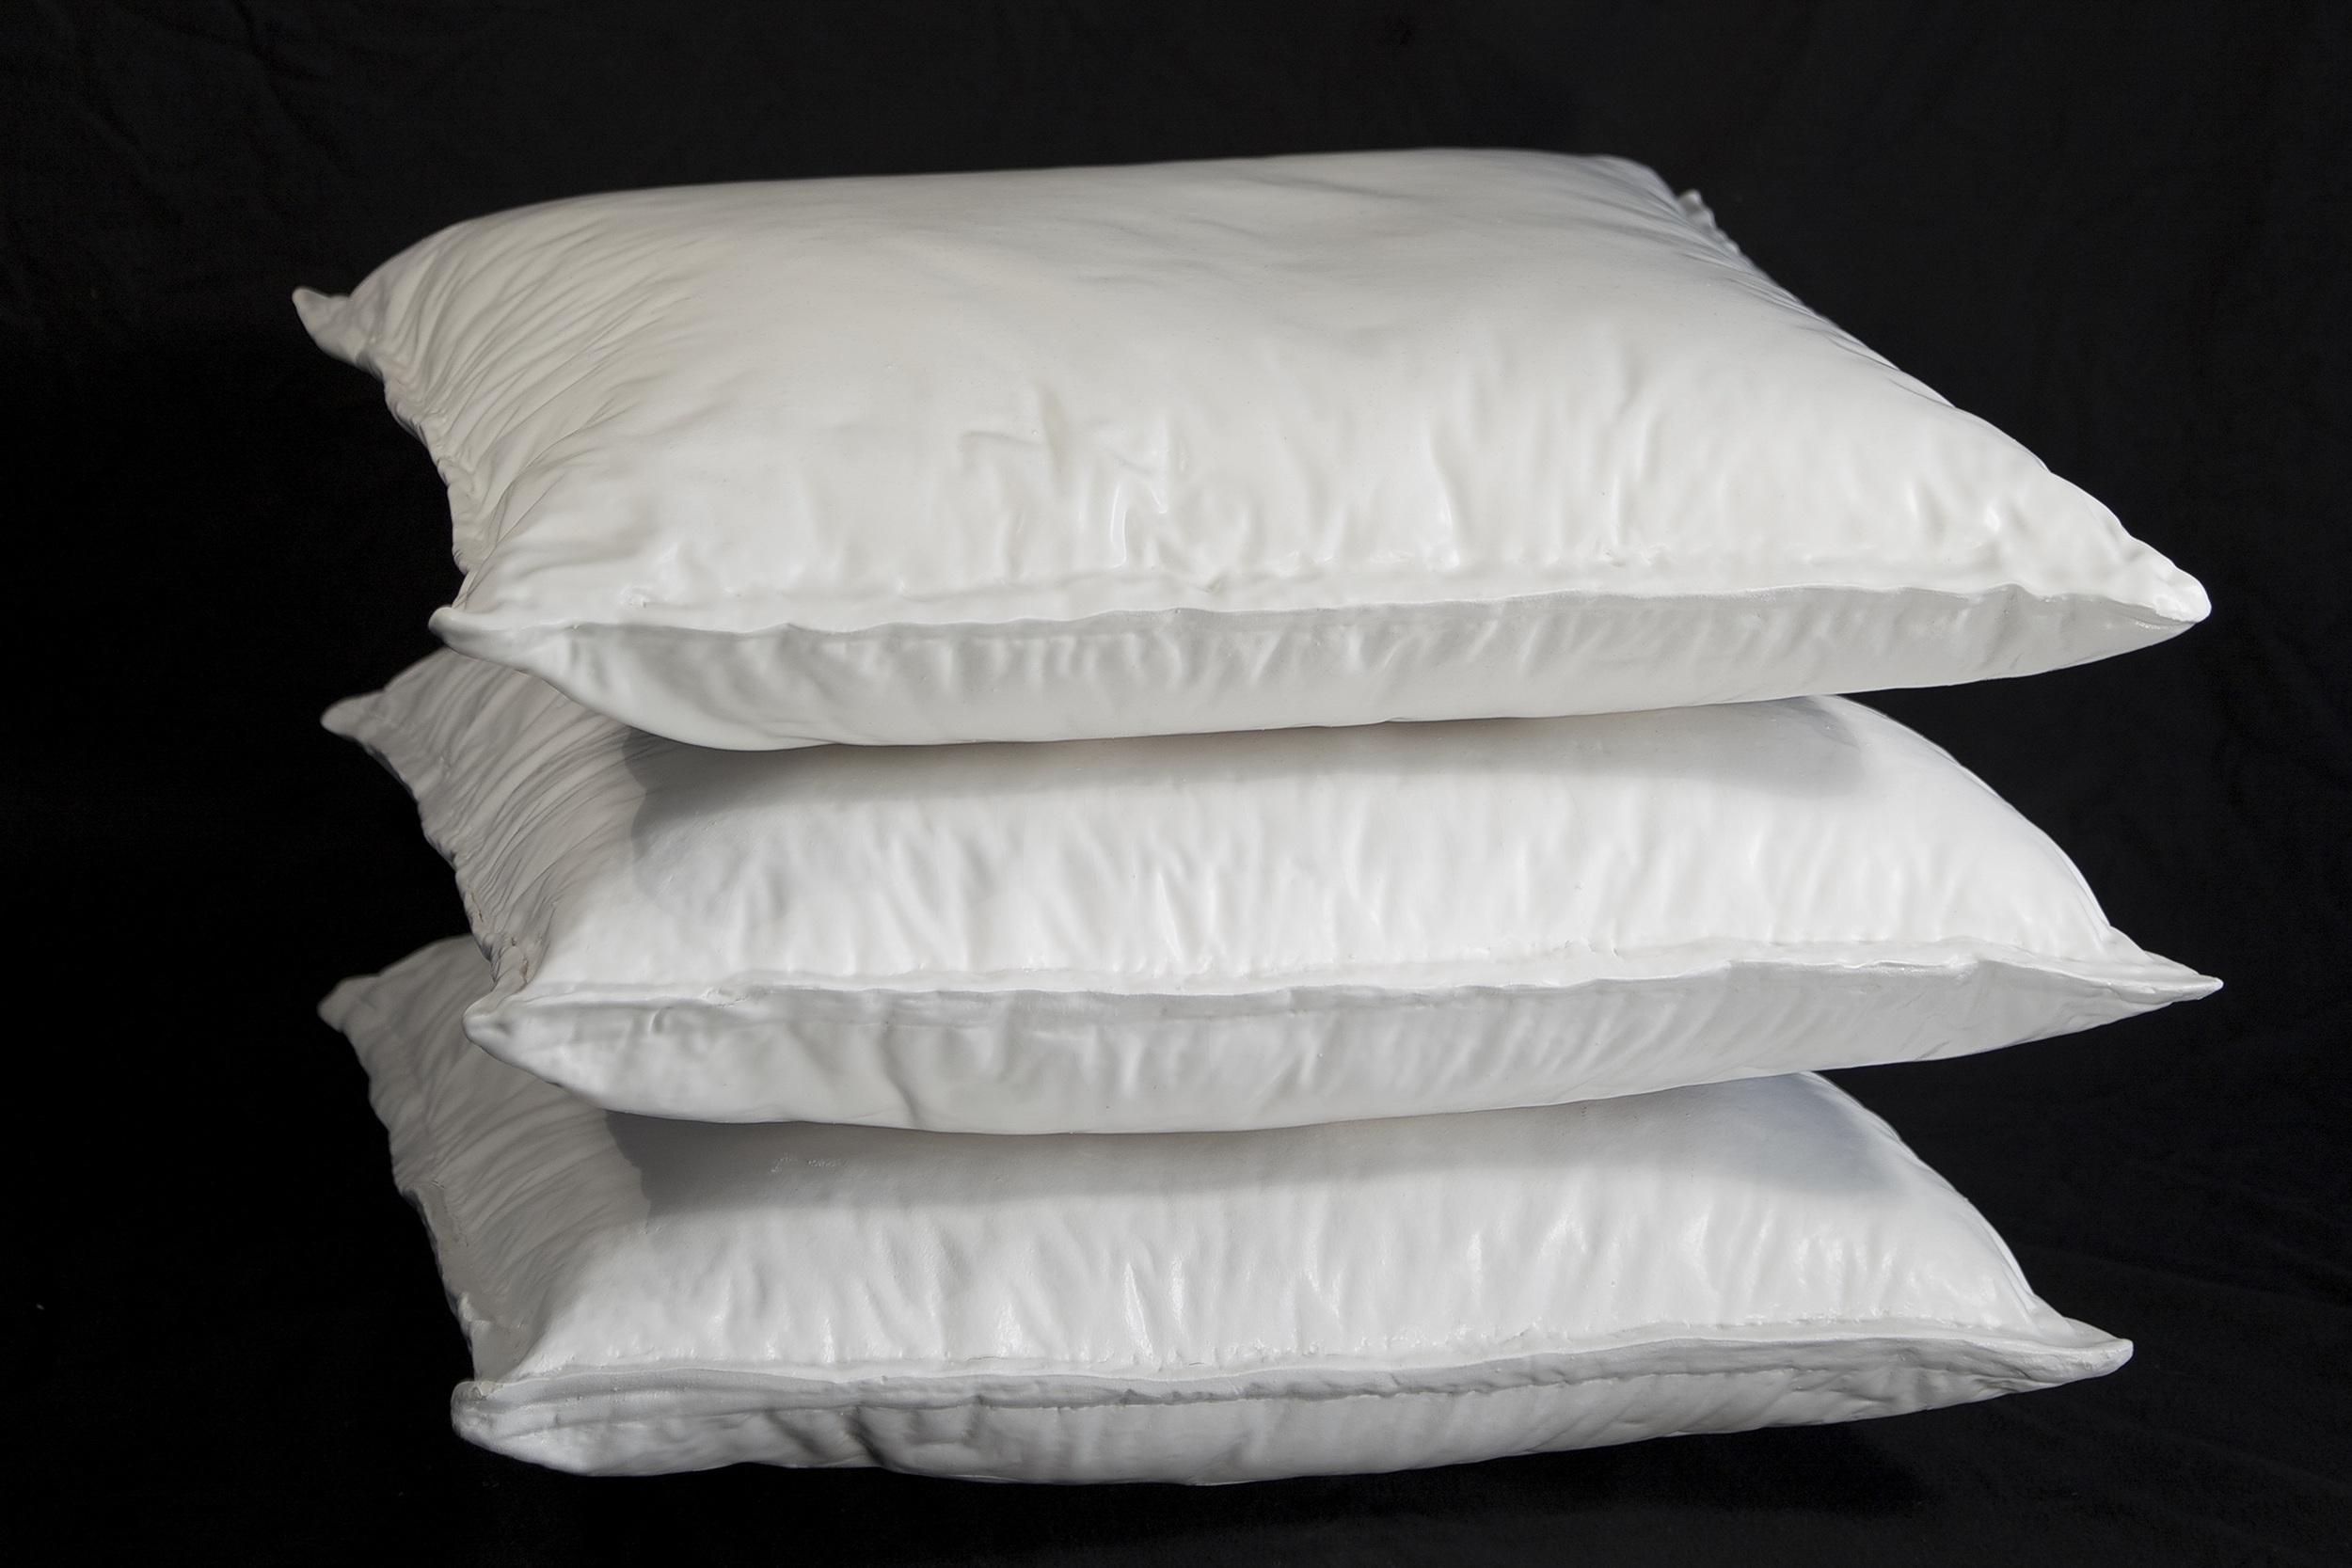 """Maude Schneider, """"Pillow"""", grès, engobe porcelaine-faïence, émail, 45 x 40 x 36 cm, 2015, édition: 3"""